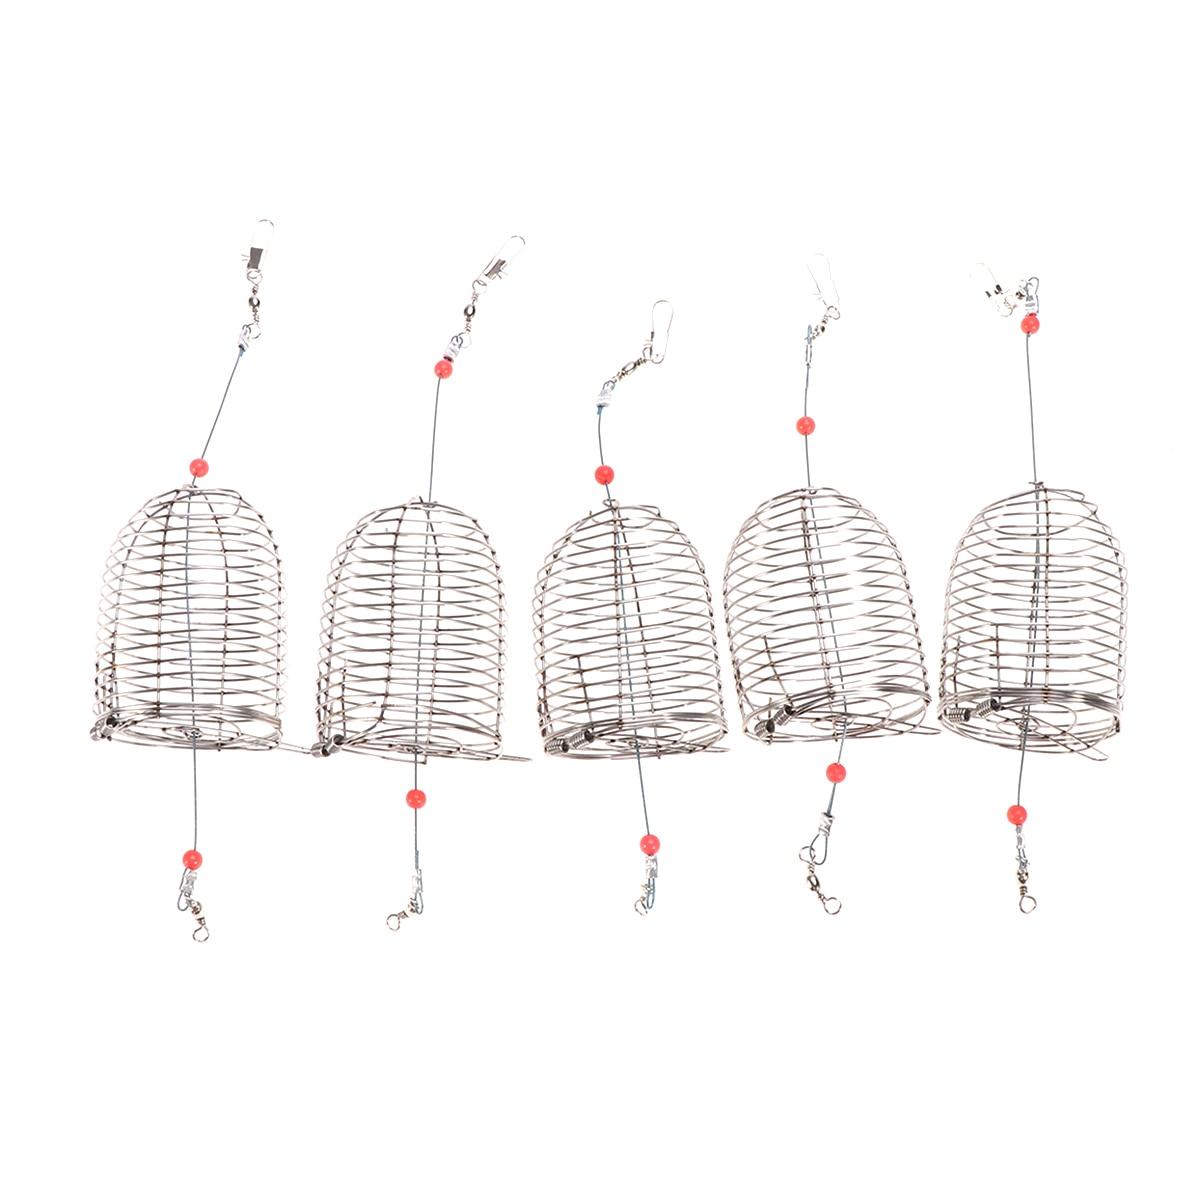 5 uds. De acero inoxidable jaula para cebo de pesca jaula cebo cesta de la trampa de pesca soporte alimentador aparejos de pesca